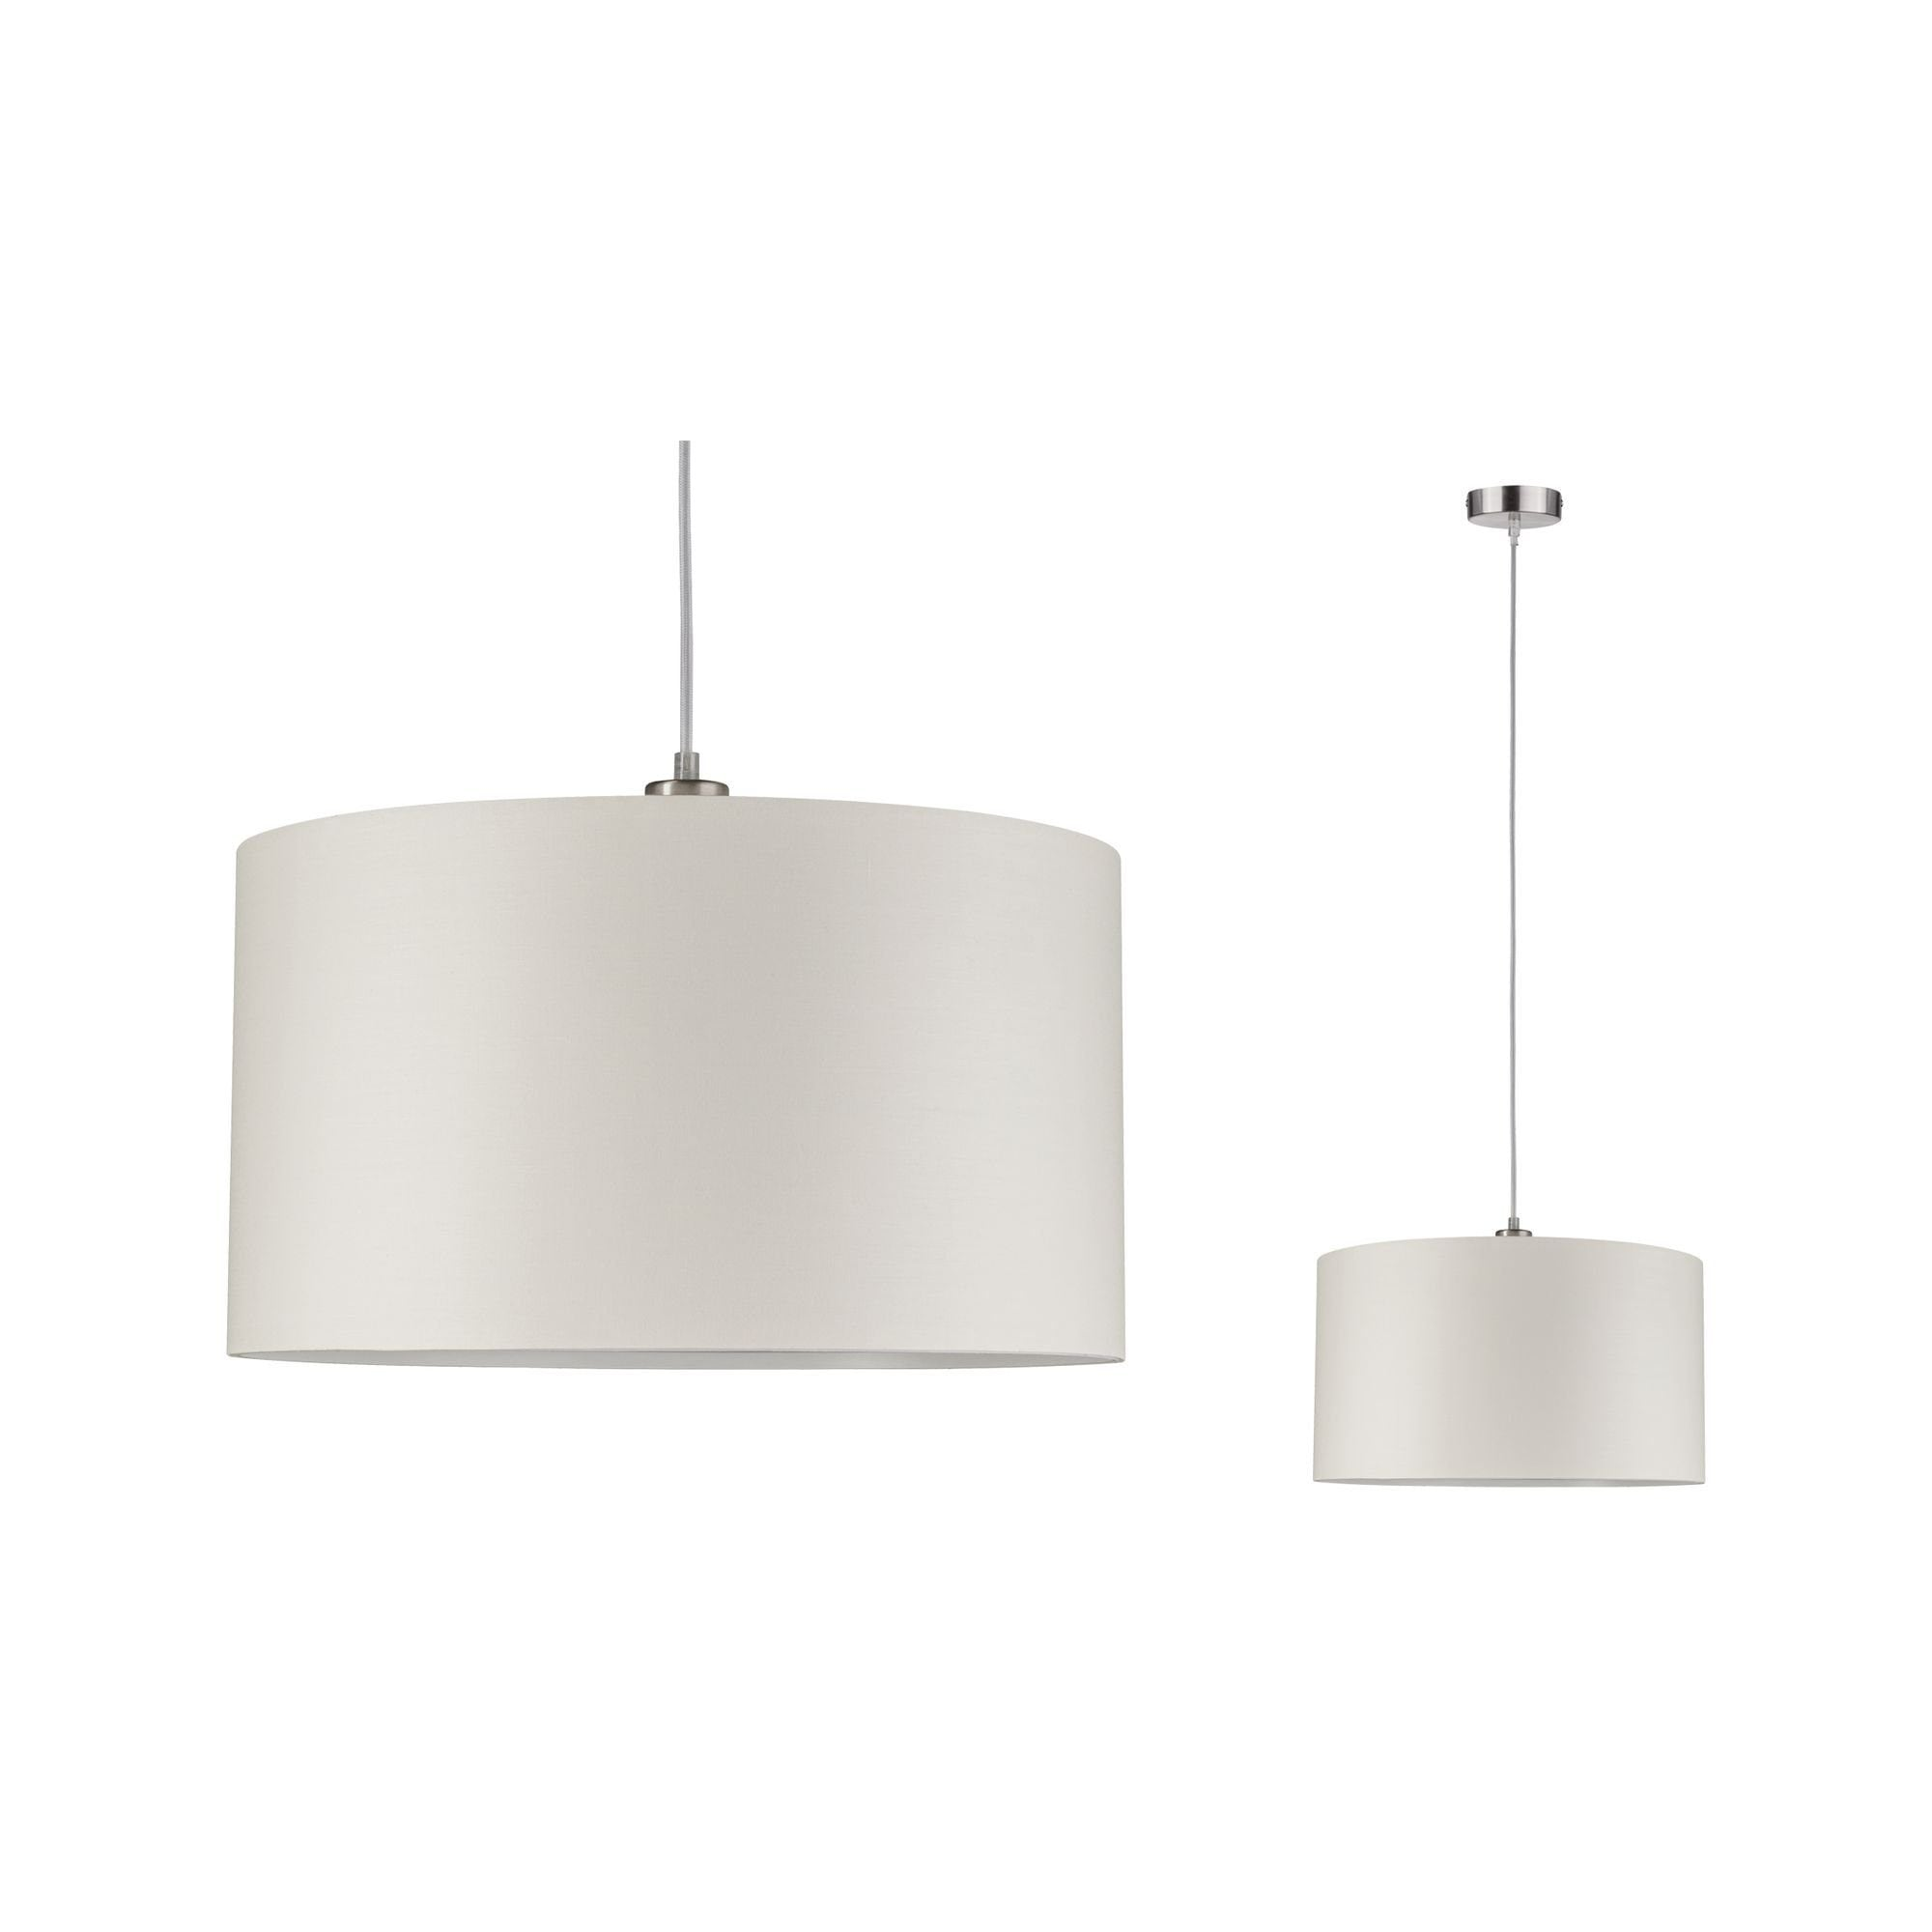 Paulmann LED Pendelleuchte Tessa Creme/Eisen gebürstet max. 60W E27, E27, 1 St.